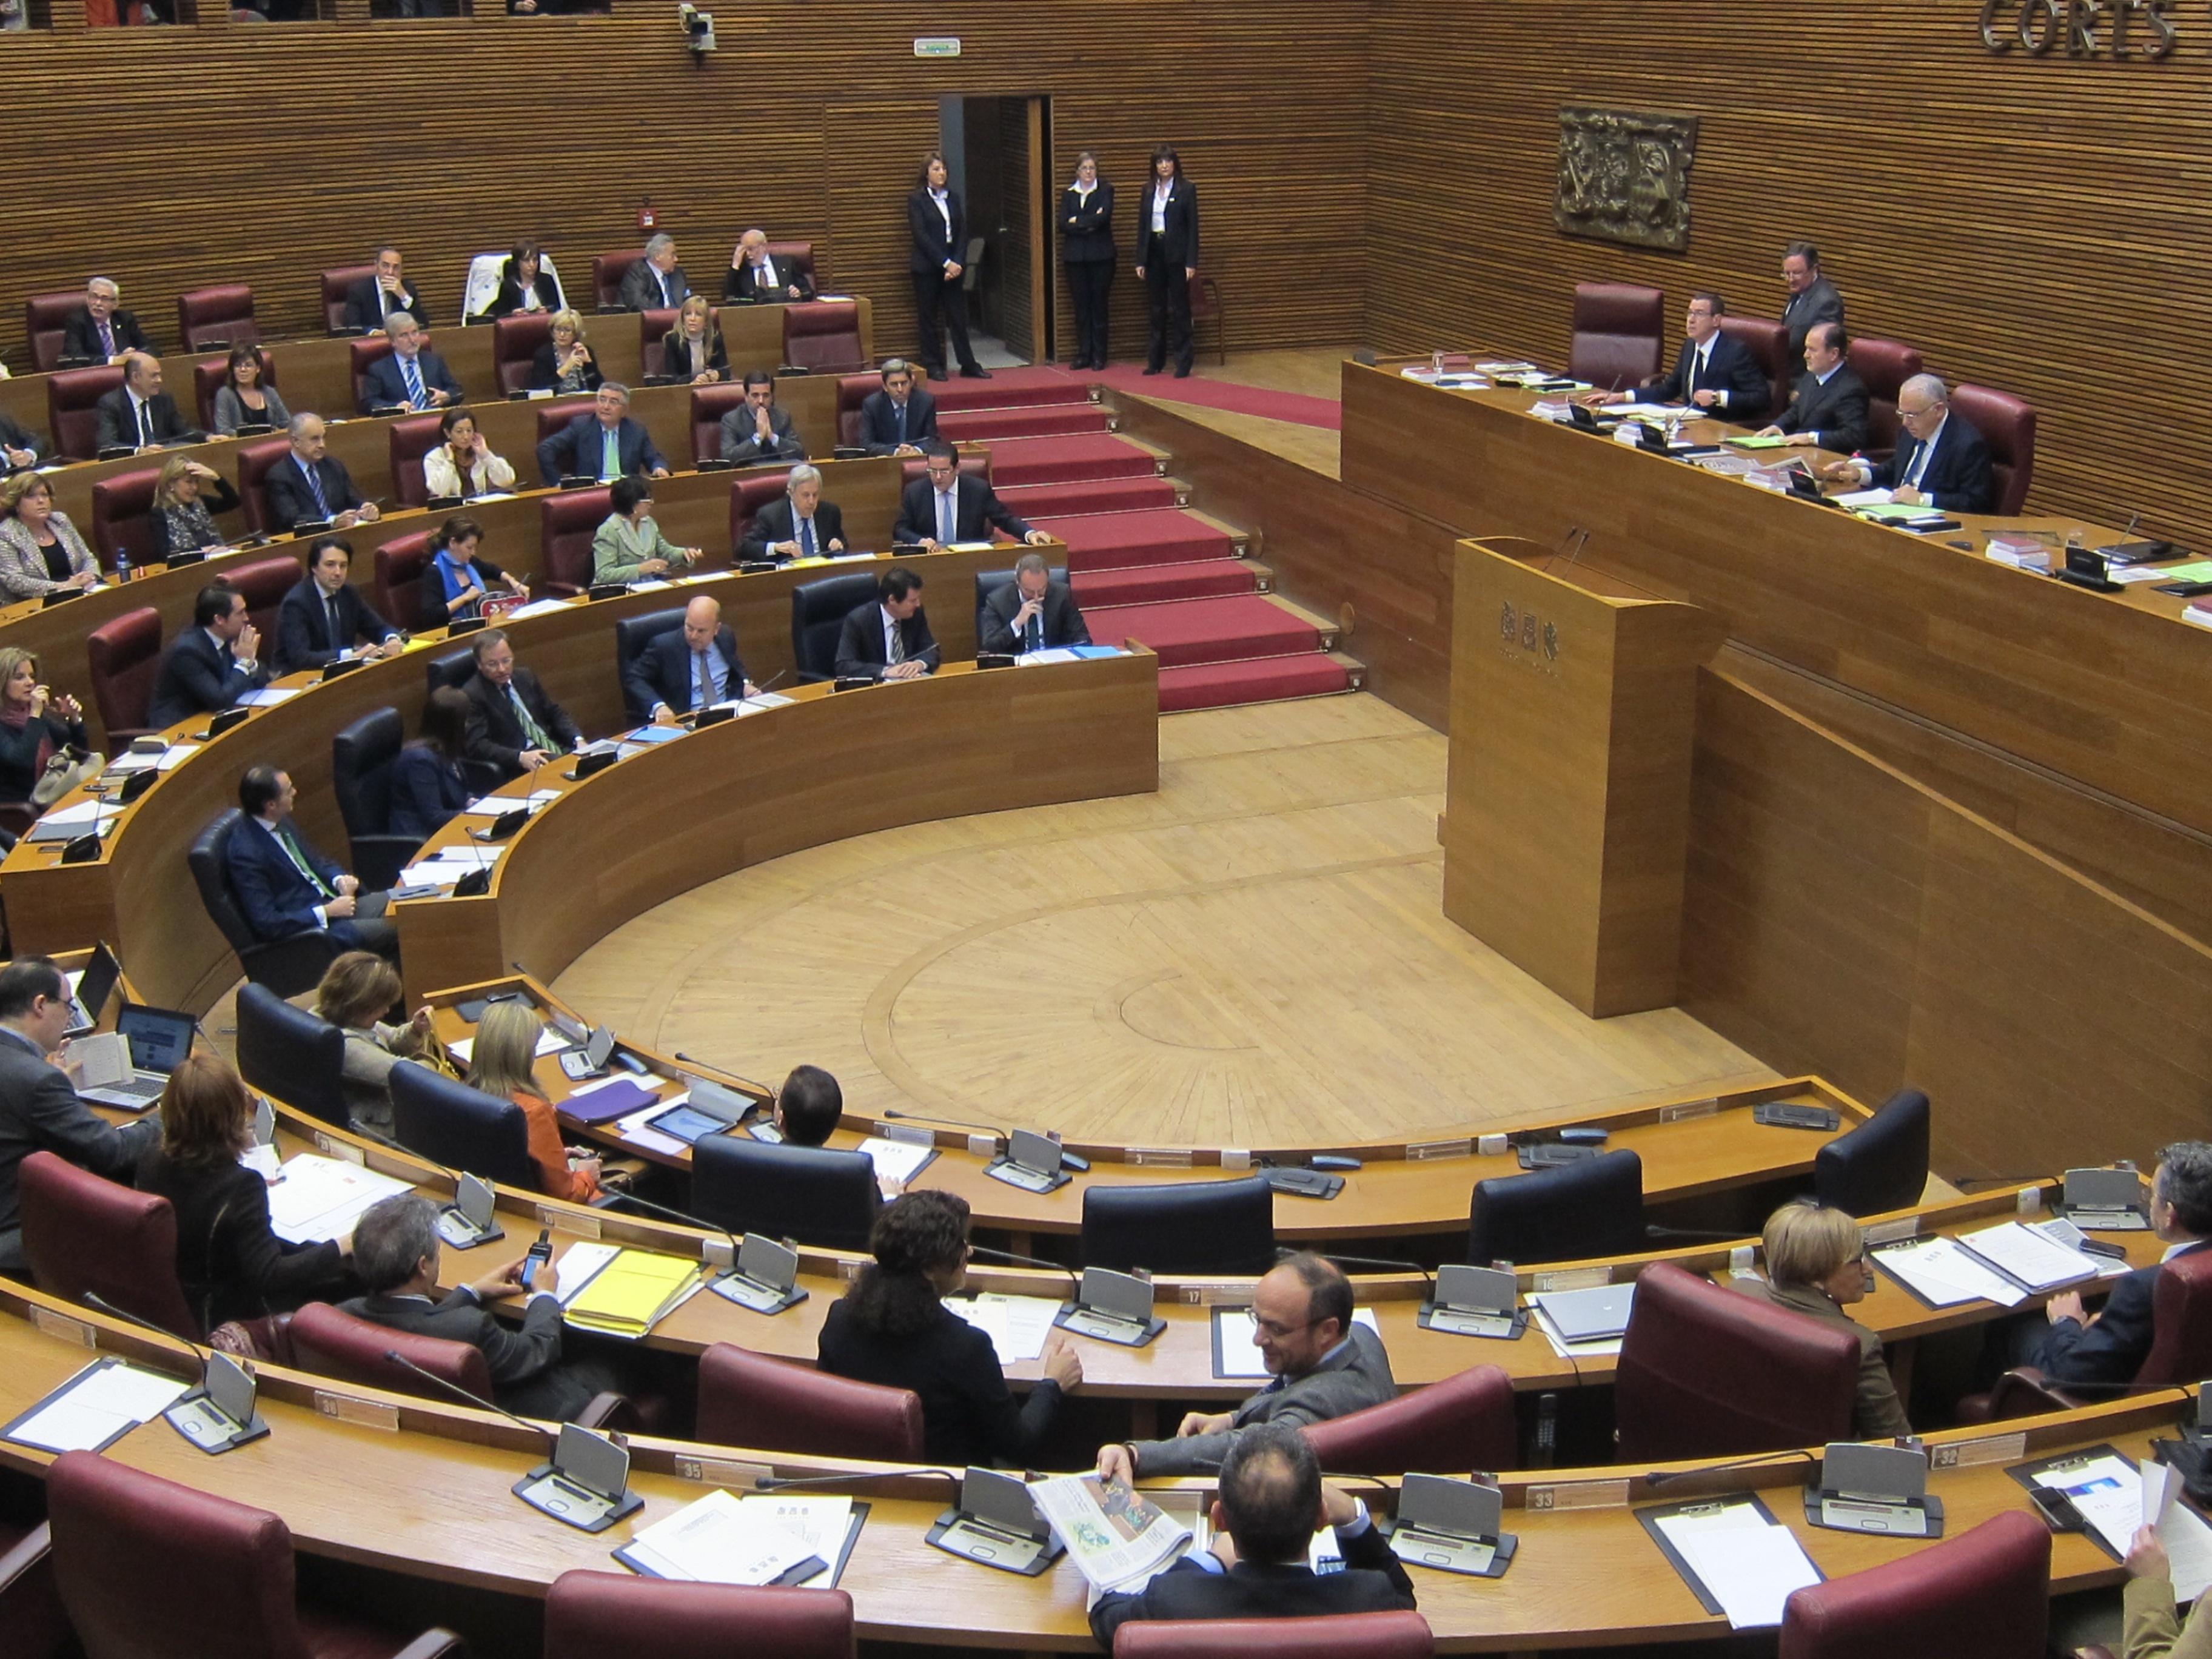 La oposición pide que se repitan las declaraciones de rentas y que se especifiquen los «sobresueldos»